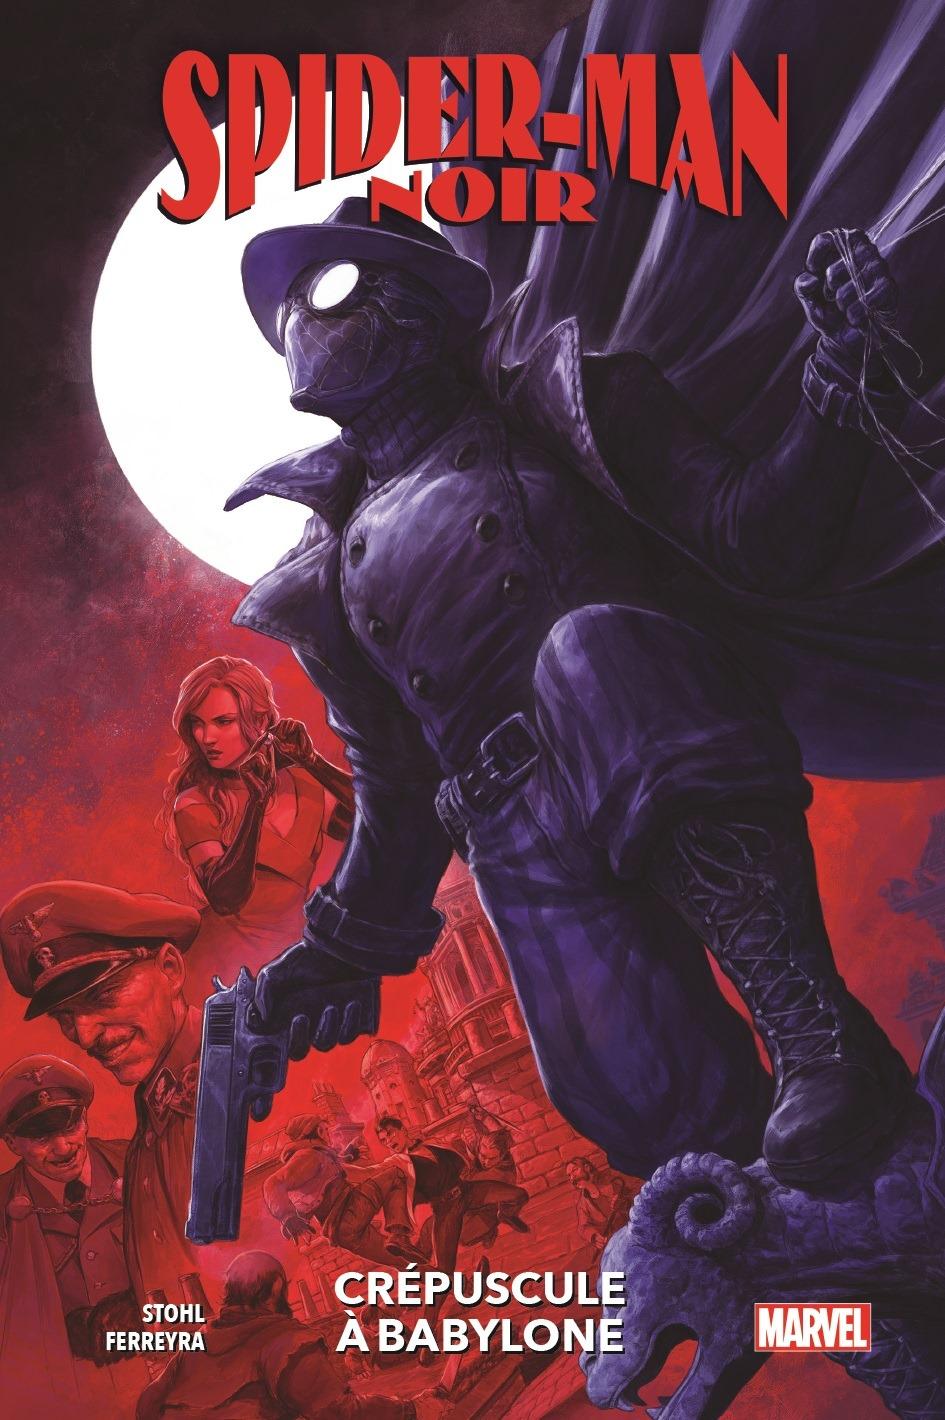 Spider-man Noir 1 - Crépuscule à Babylone